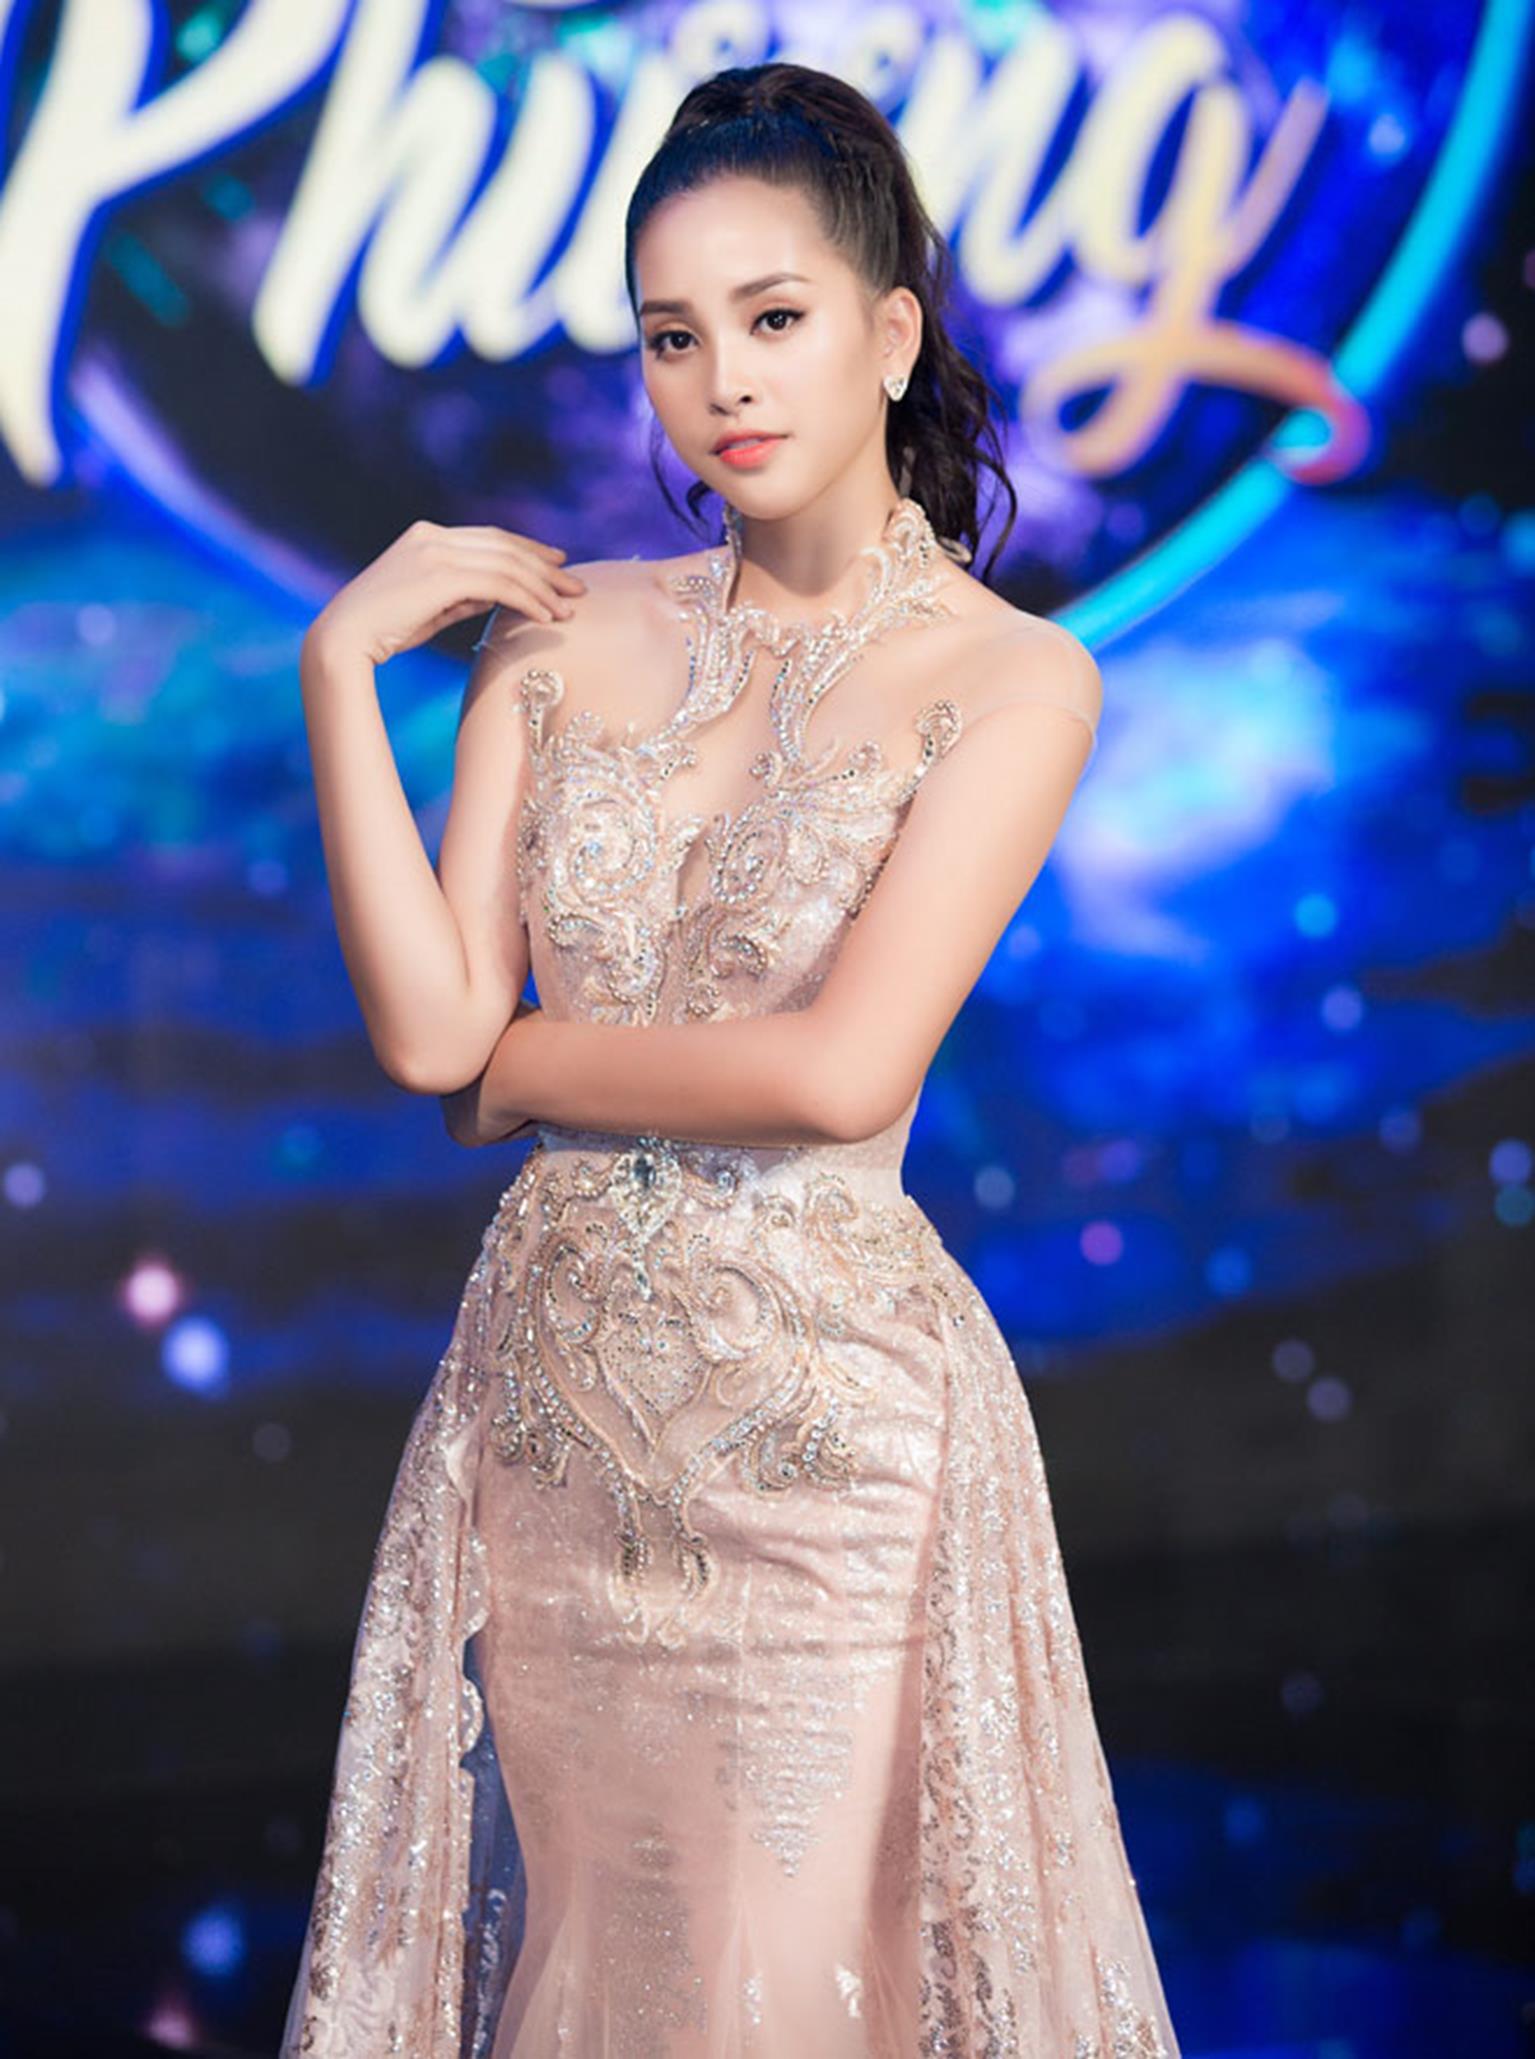 Hoa hậu Tiểu Vy khoe vẻ đẹp mong manh, hát mừng năm mới-6